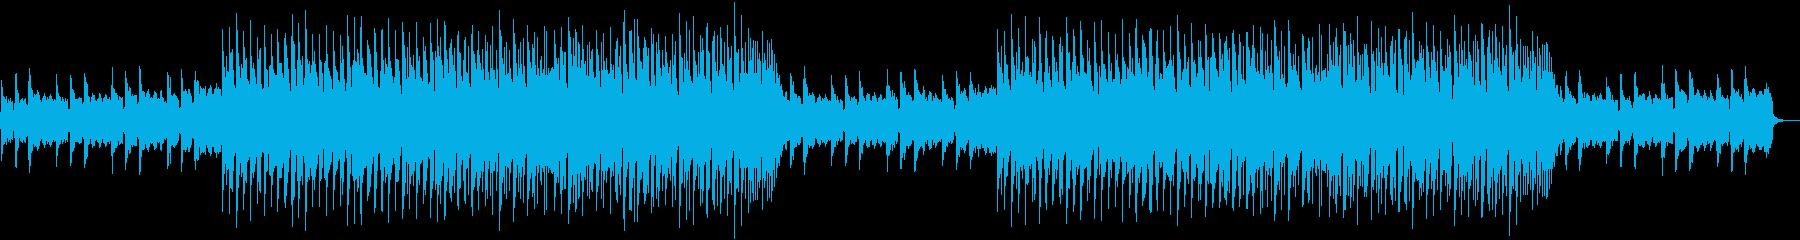 まったりとした日常 トロピカルハウスの再生済みの波形